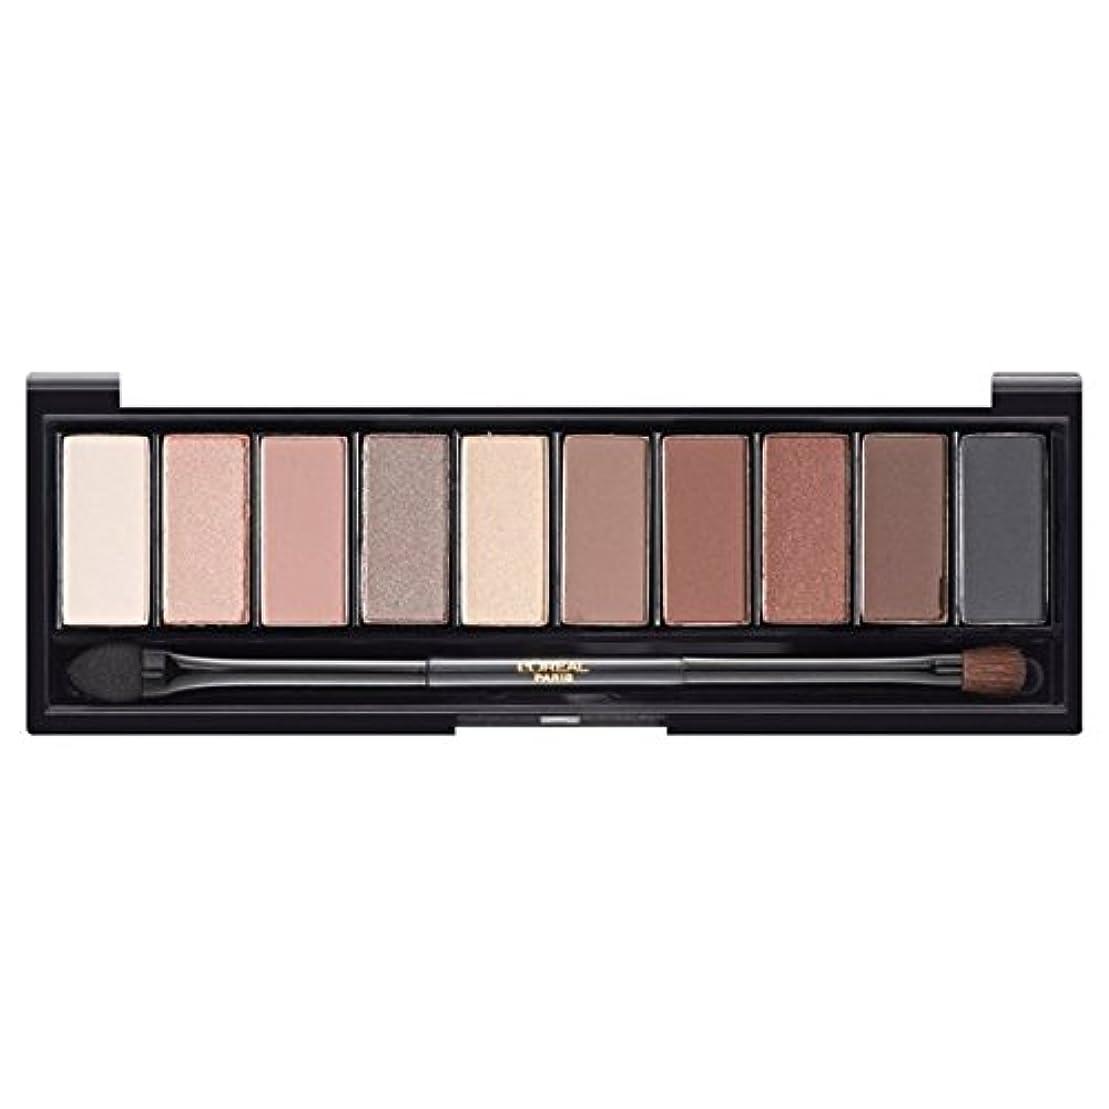 ショッピングセンタージョージハンブリーわがままロレアルパリカラーリッシュ?ラ?パレットのアイシャドウ、ヌードベージュ x4 - L'Oreal Paris Color Riche La Palette Eyeshadow, Nude Beige (Pack of 4) [並行輸入品]